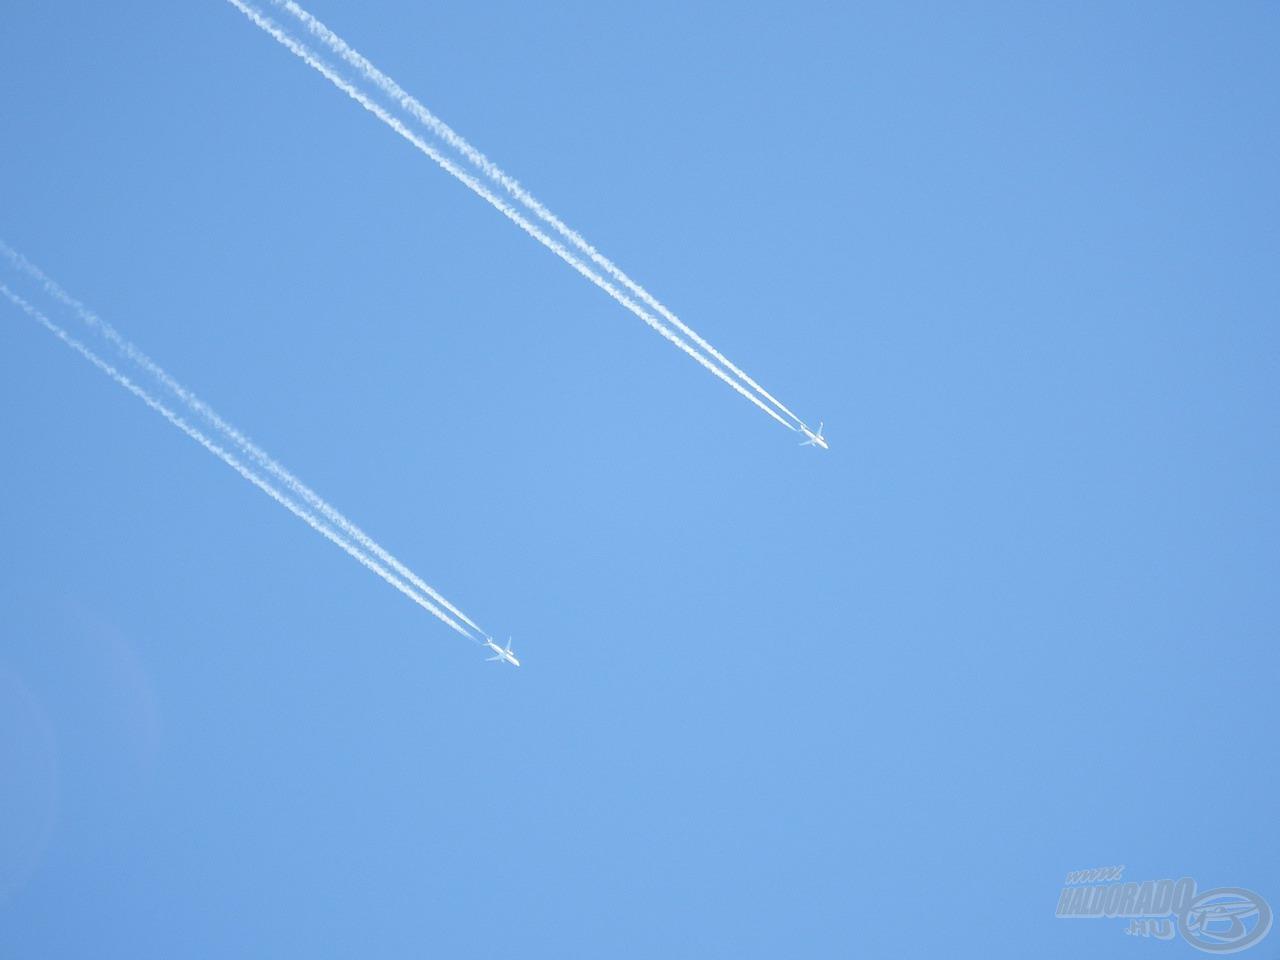 """Nem csak a természet tartogatott érdekességeket, utasszállító repülőgépeket én még speciel nem láttam """"versenyezni"""" :-)"""